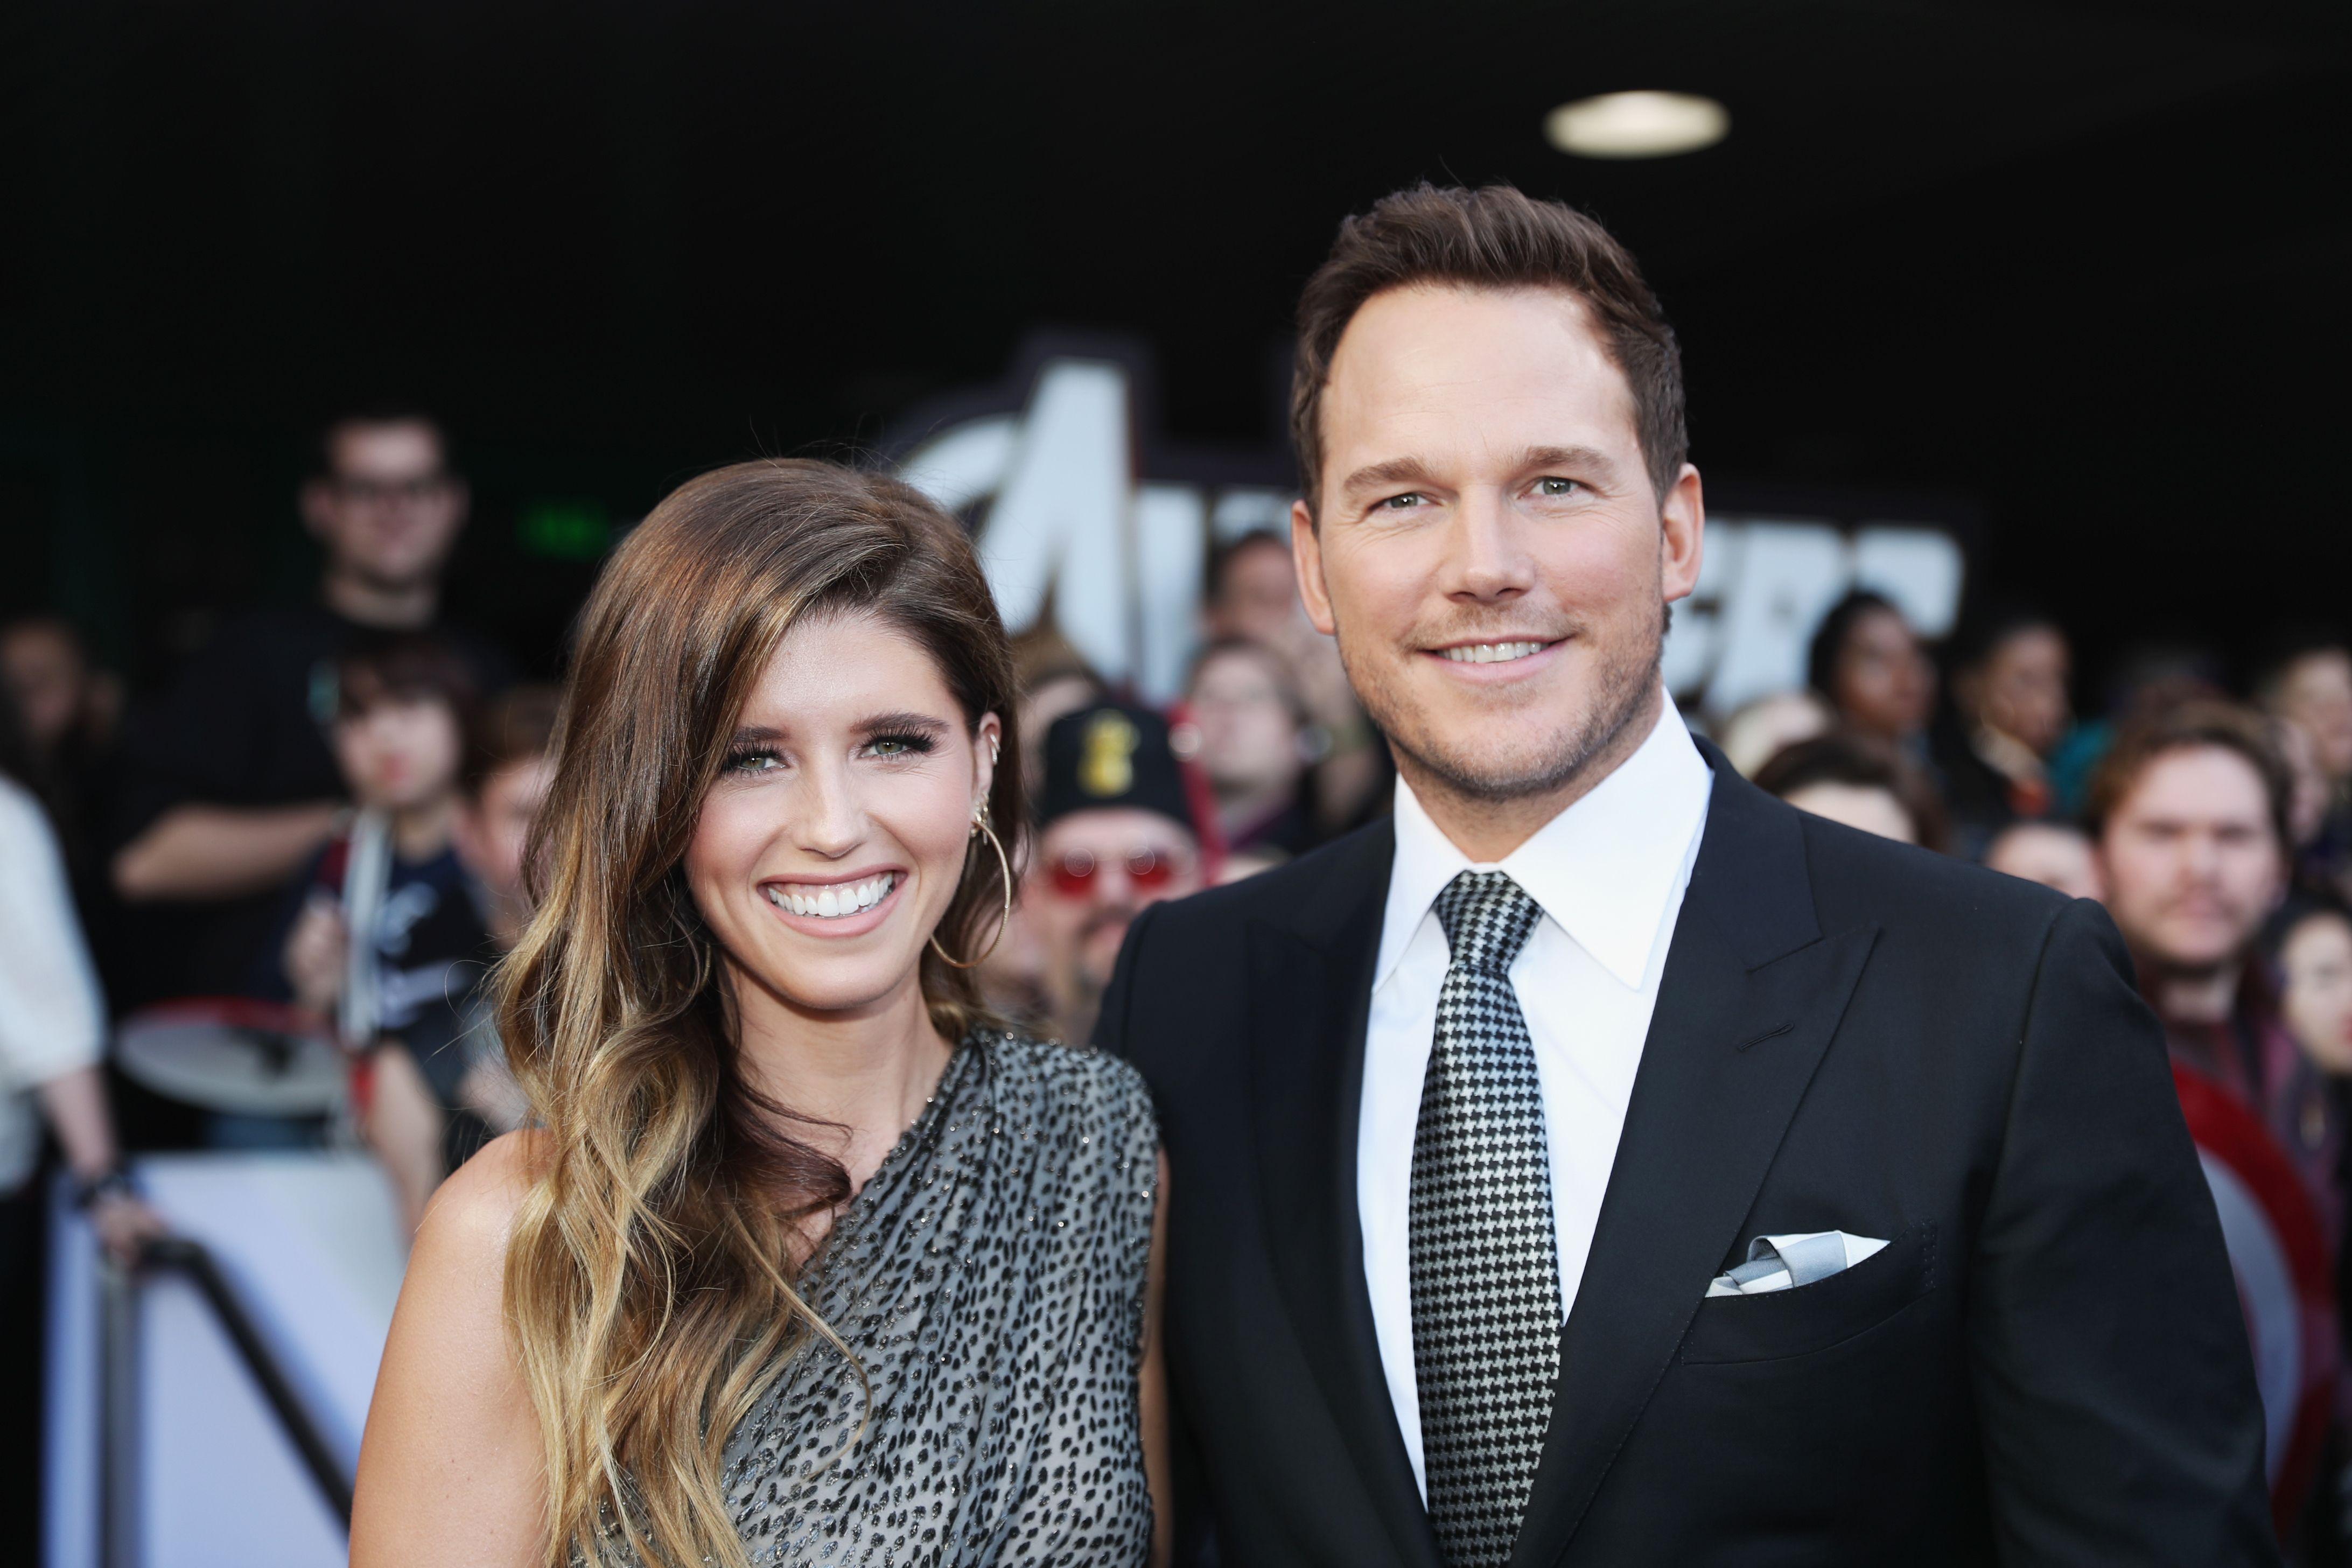 Chris Pratt And Katherine Schwarzenegger Relationship Timeline Maria Shriver S Daughter Is Married To Chris Pratt